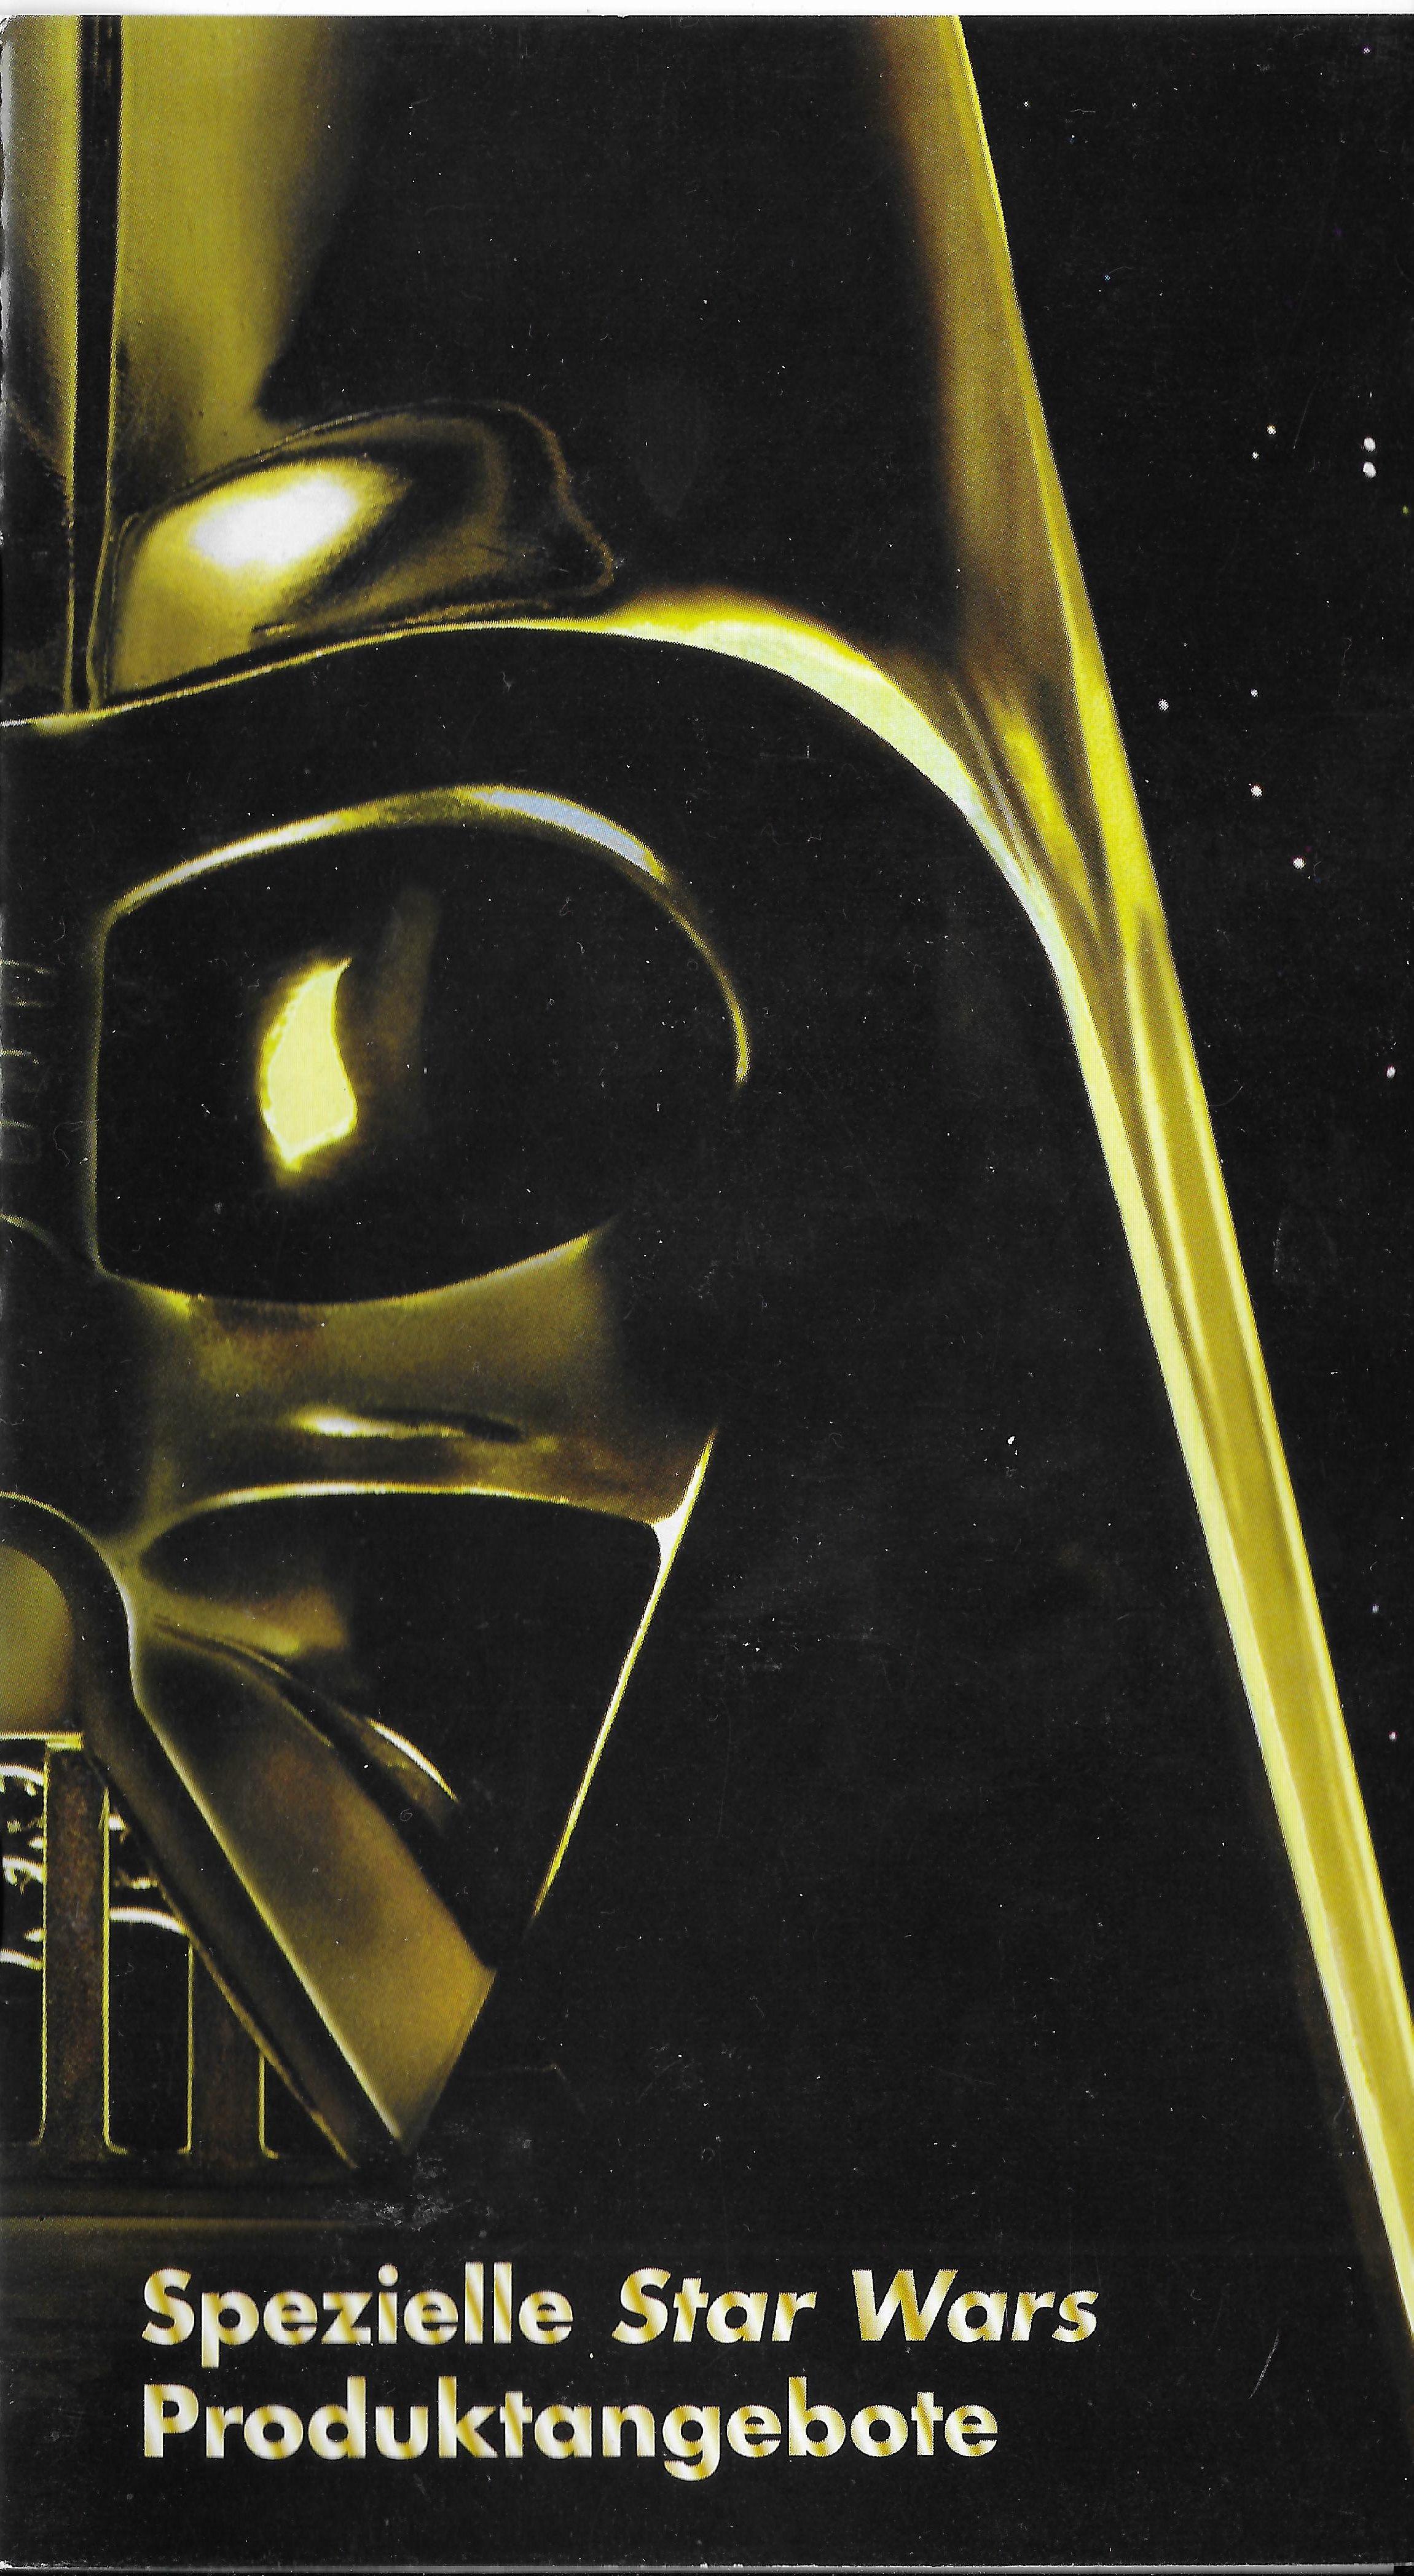 1997-es német Star Wars katalógus